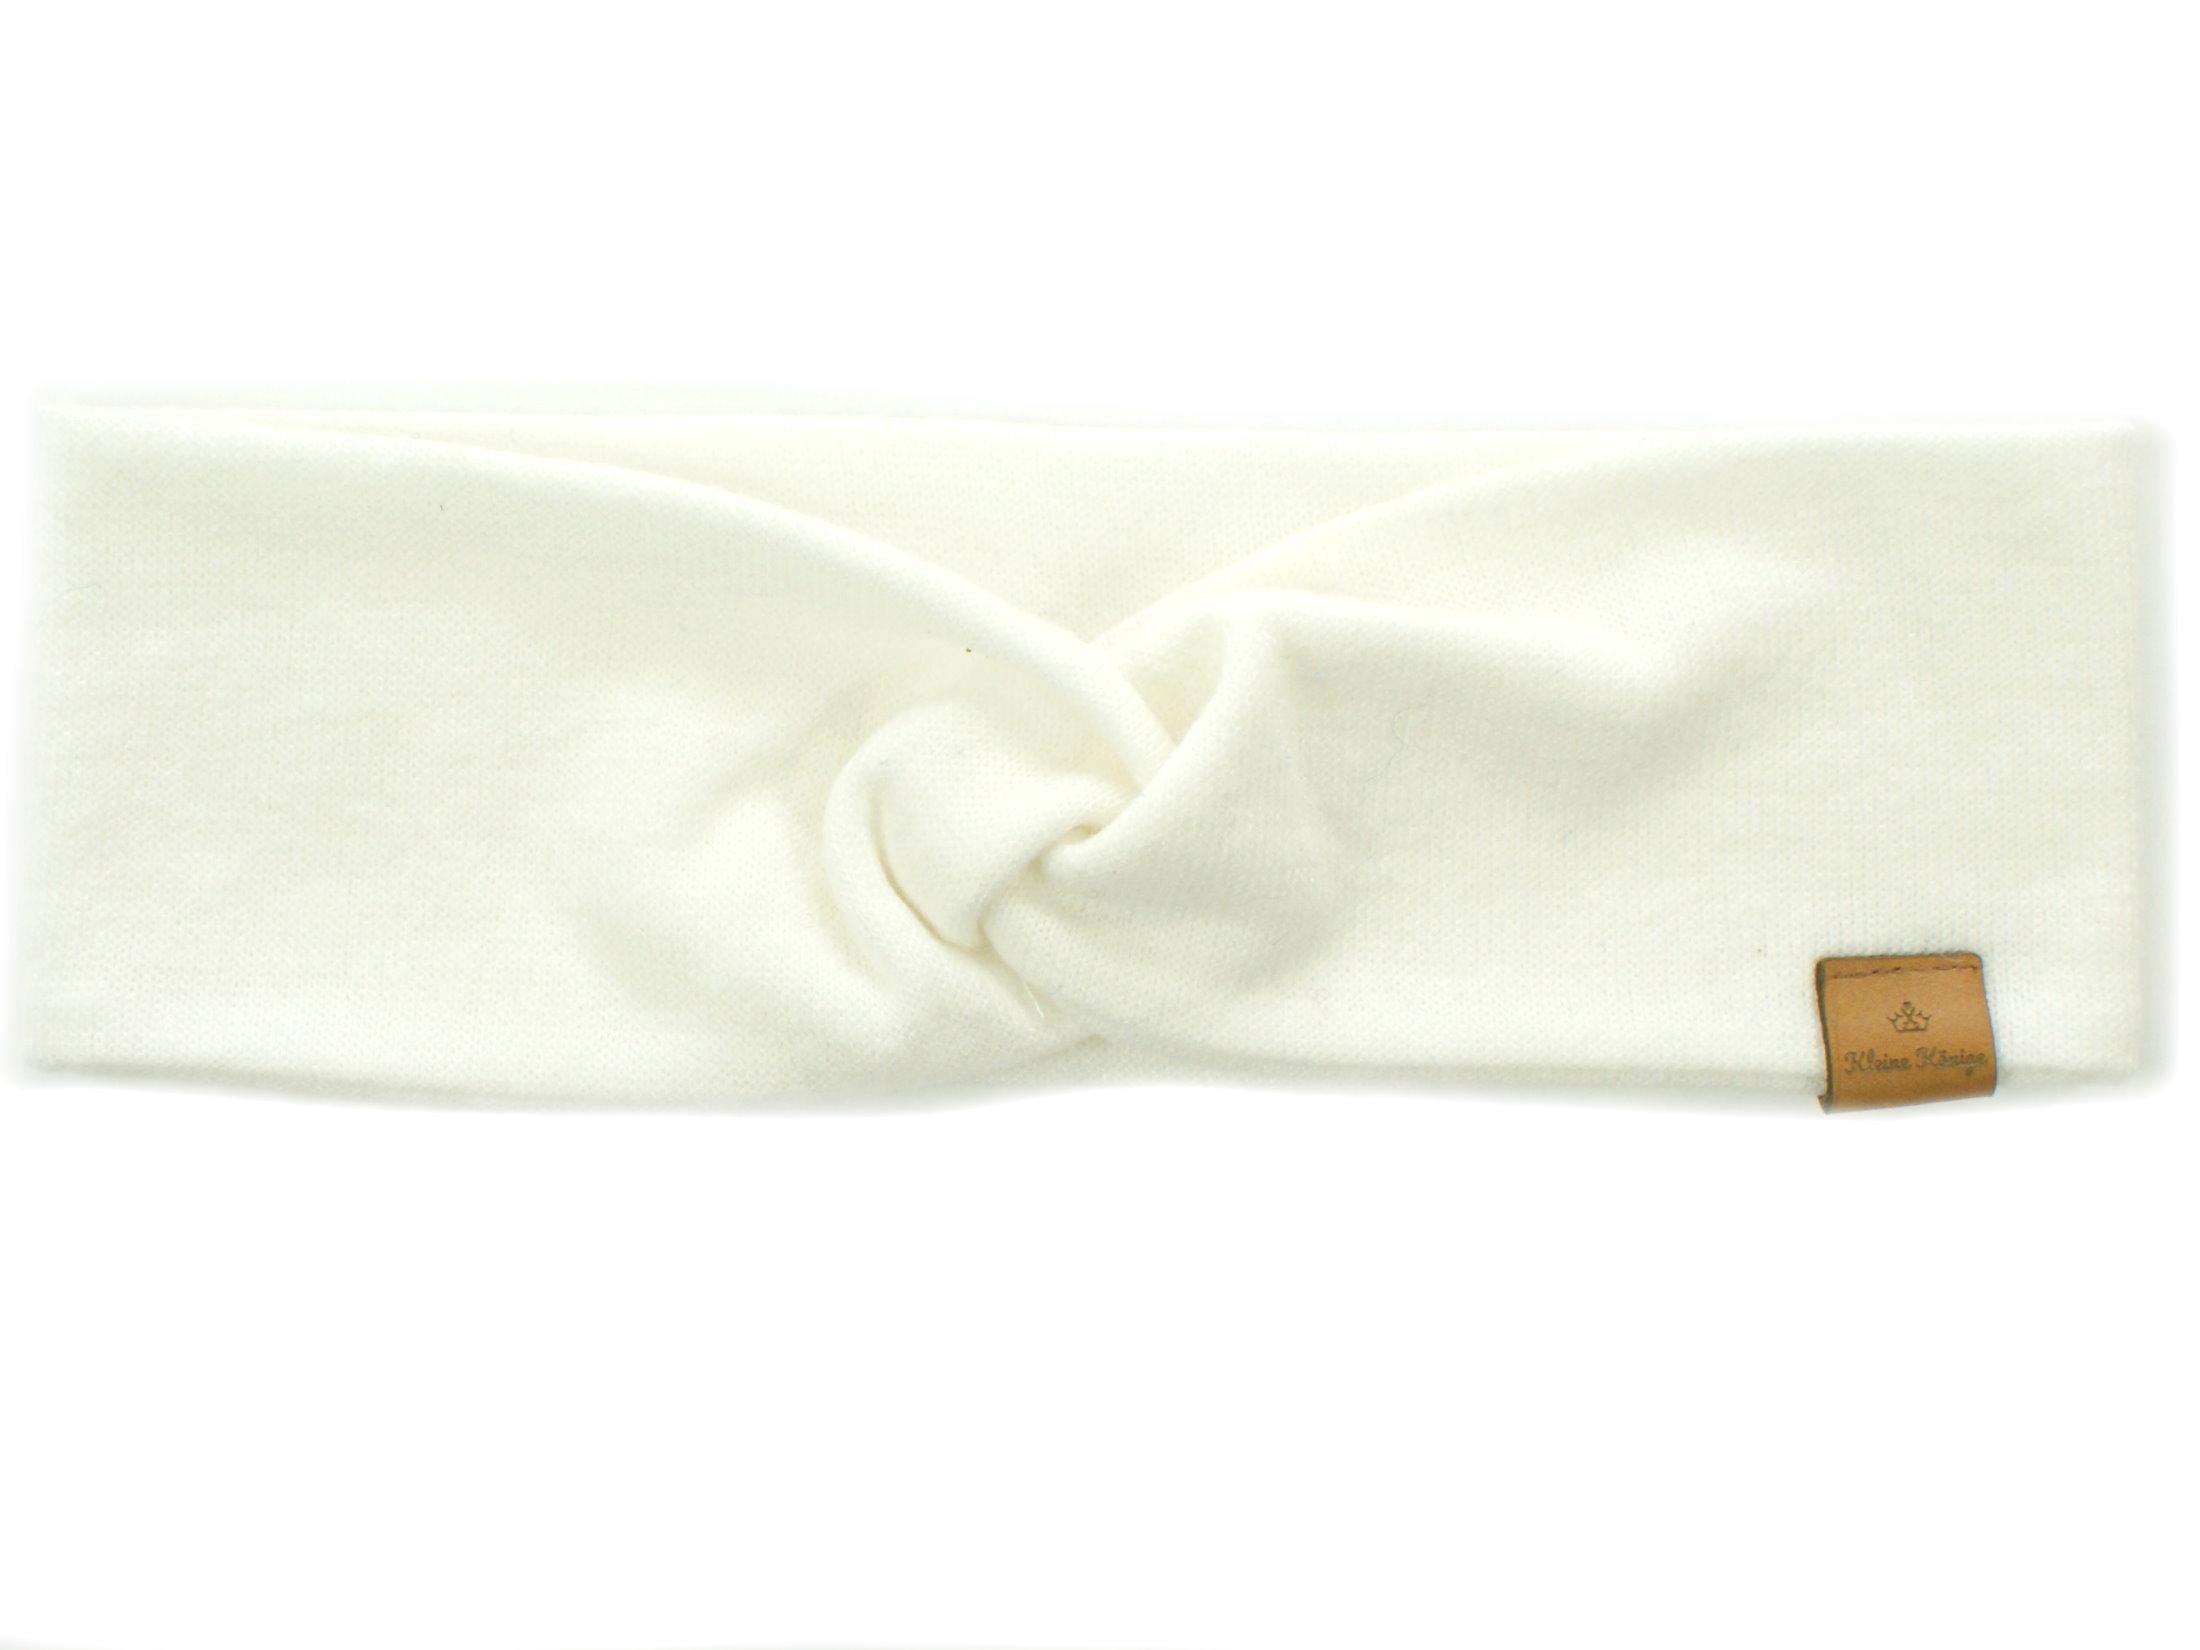 Damen Haarband aus Strickstoff in creme